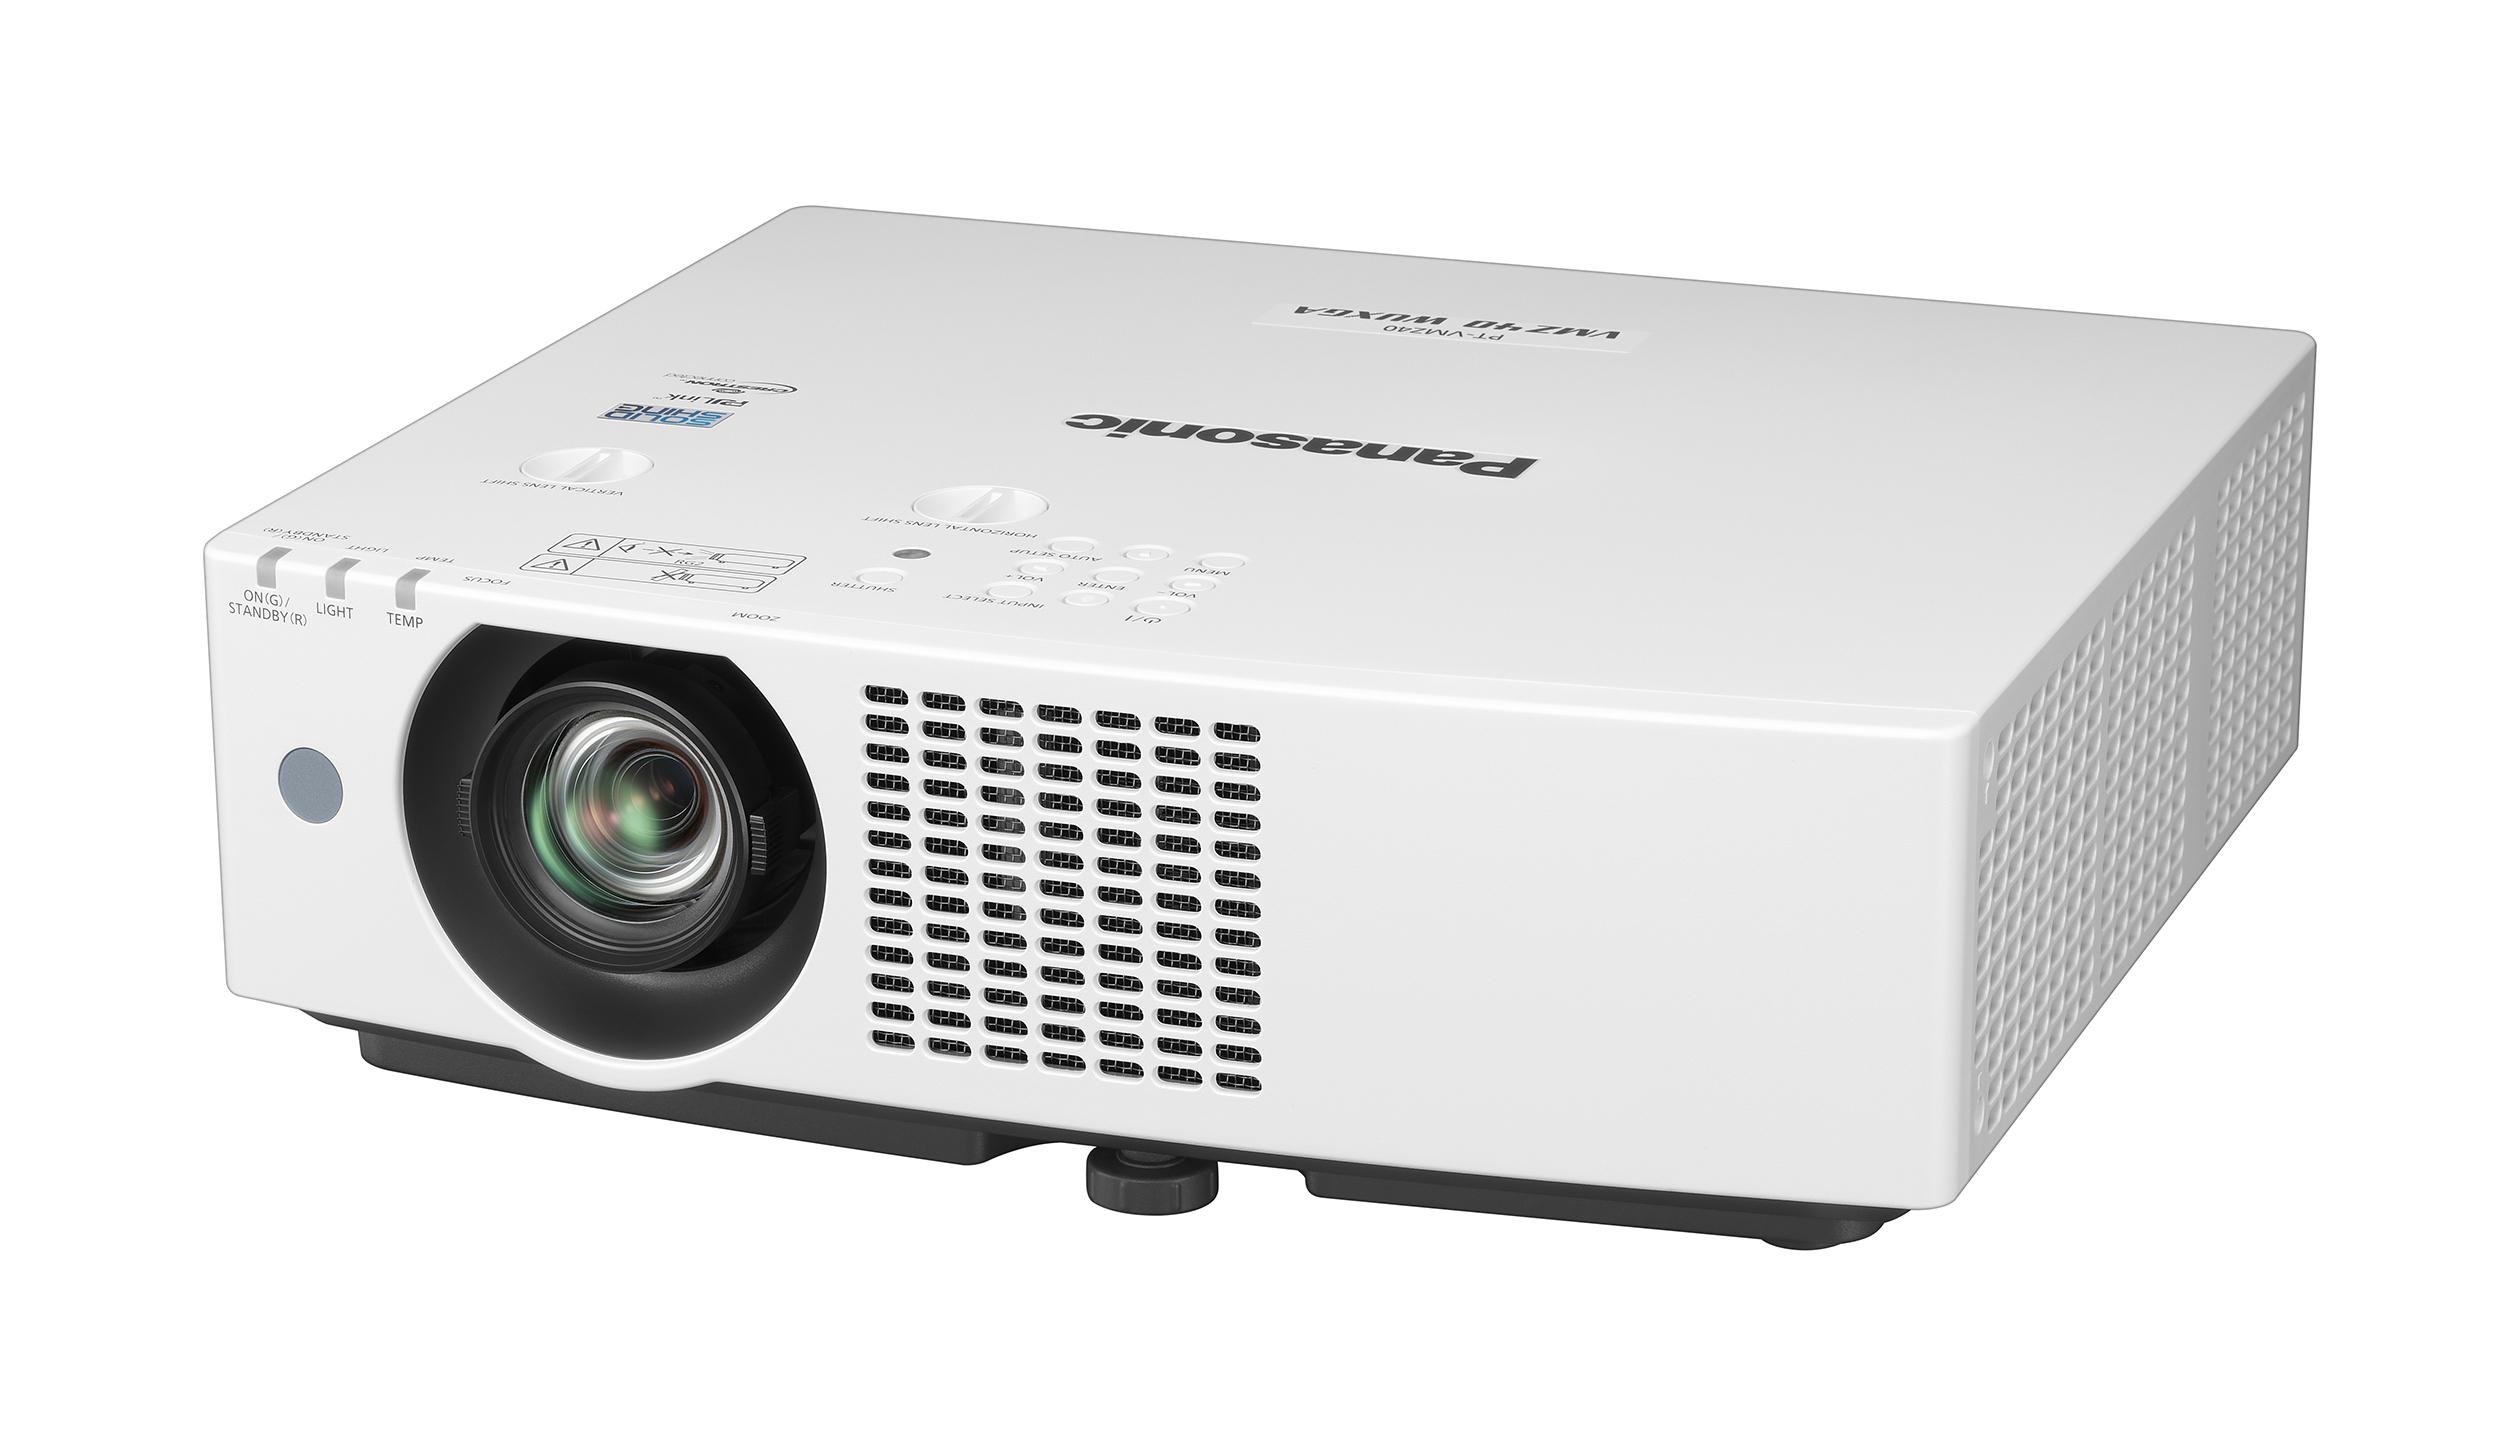 PANASONIC PANASONIC PT-VMZ40- Projecteur LCD, 4 500 lumens, WUXGA - Un rapport de projection de 1,09:1 - 4K